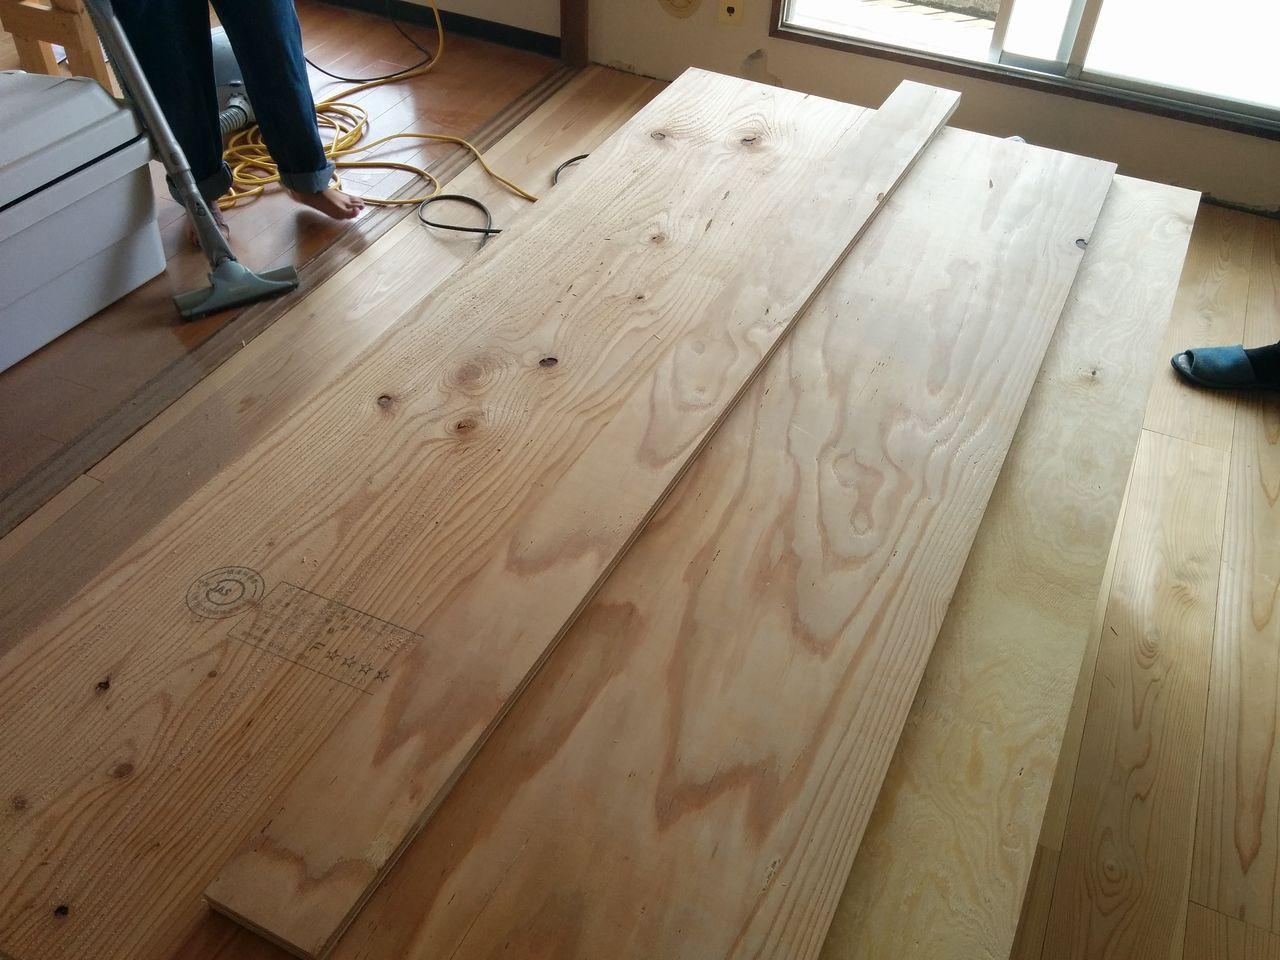 みなさまこんにちは。 今回から実際にホームセンターで売っている材料を駆使して、木製のカーテンレールを作っていきます。 使う材料は意外と少ないです。 ご参考になればと思います。